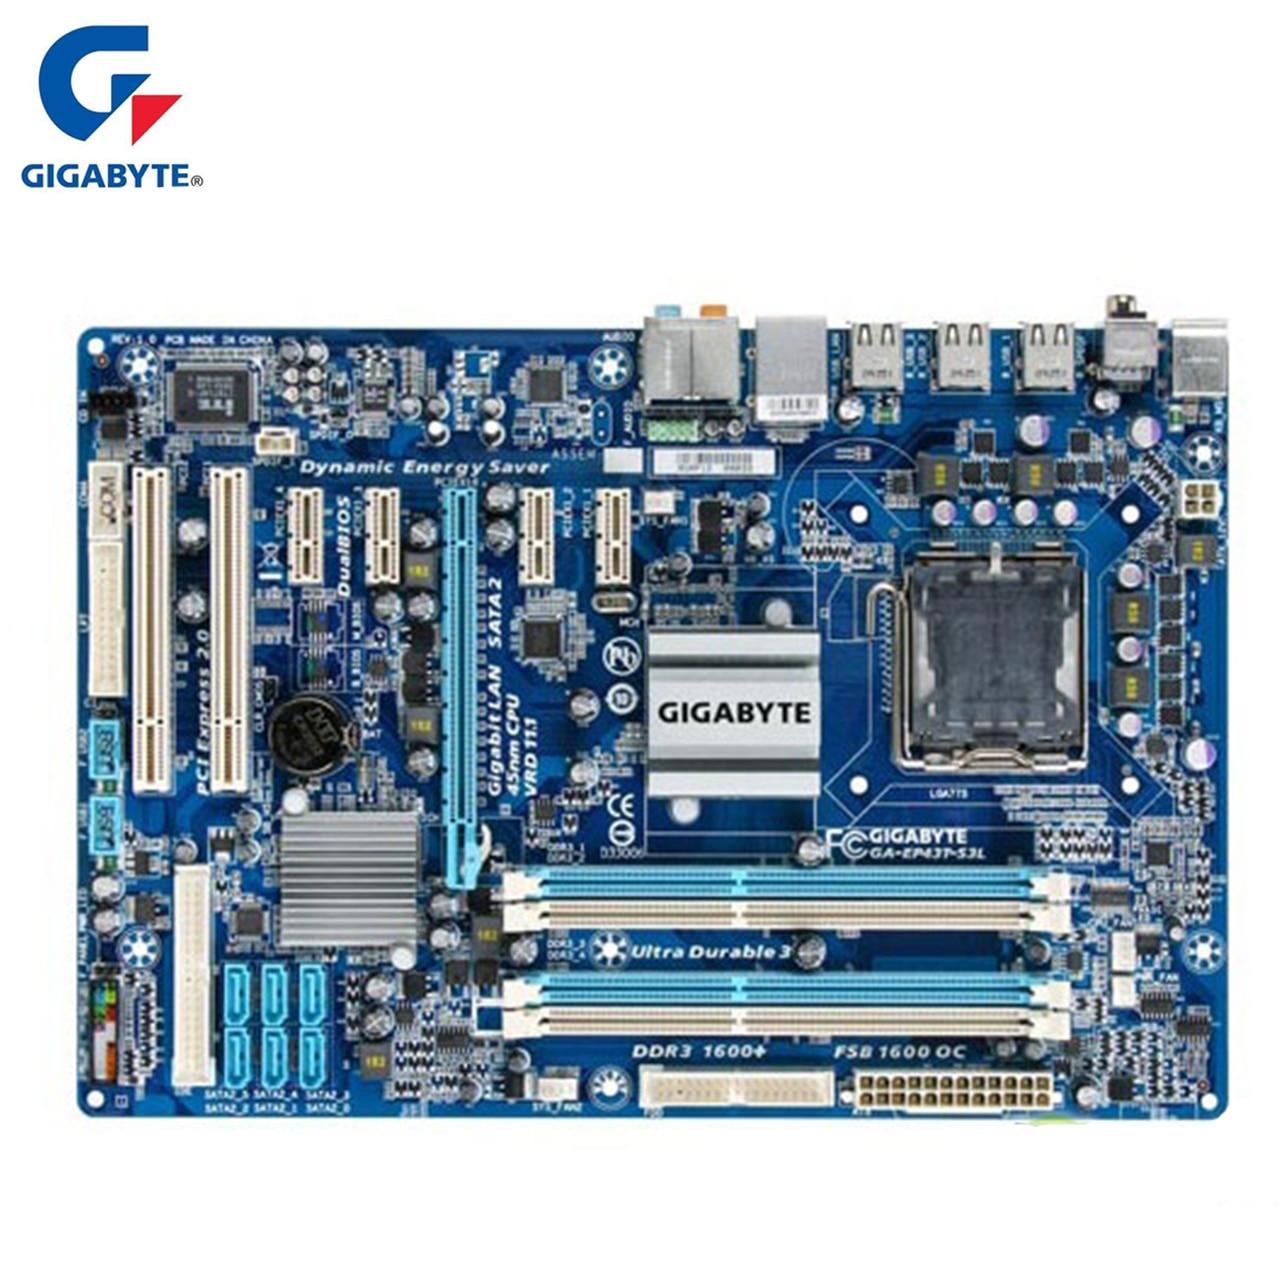 Gigabyte GA-EP43T-S3L 100% Original placa madre LGA 775 DDR3 USB2.0 16G P43 EP43T-S3L Mainboard de escritorio SATA II Systemboard utilizado